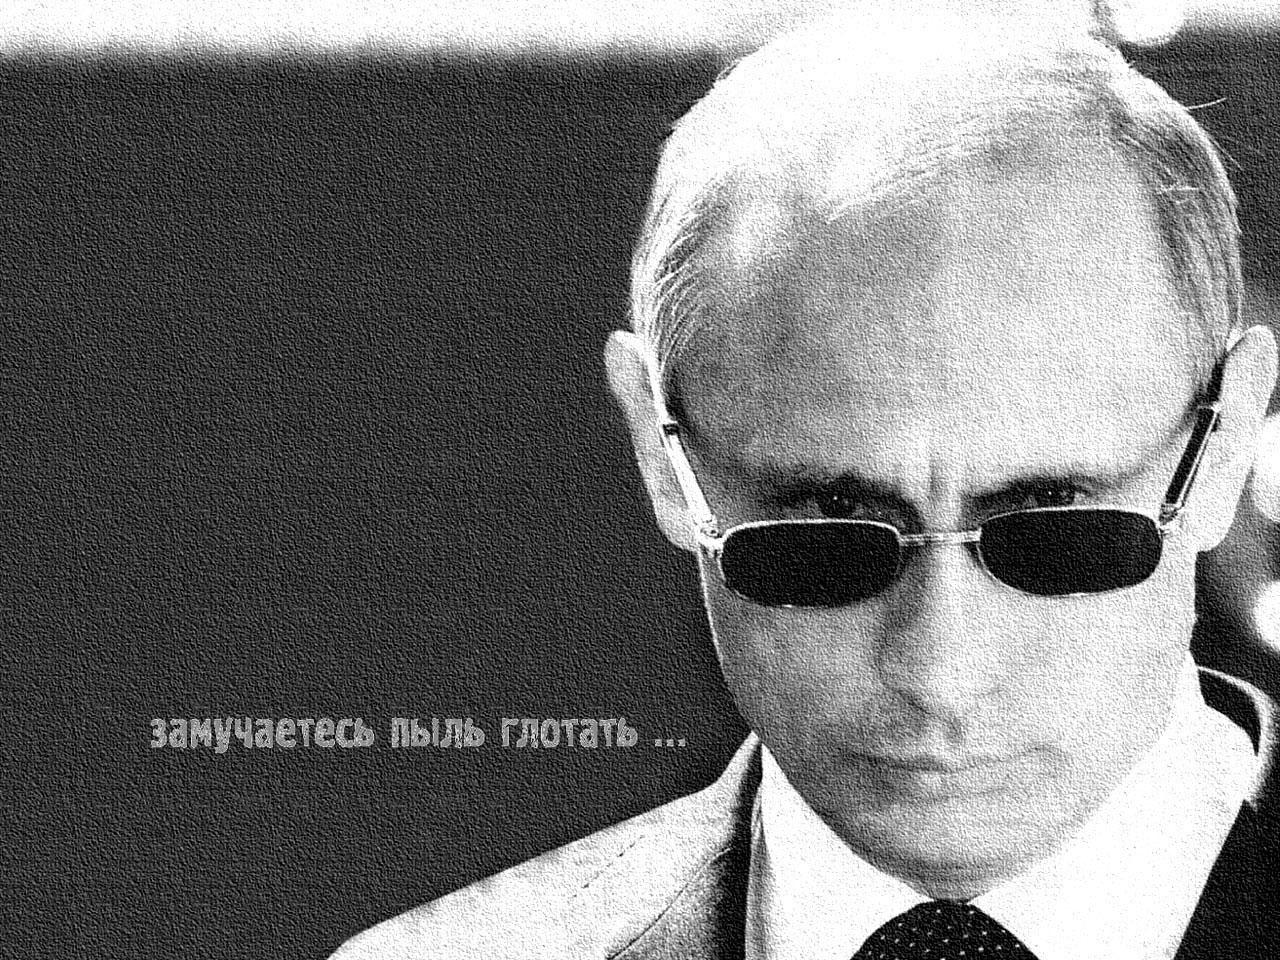 プーチンの逸話を聞くとゾクッとするのはオレだけじゃないはず